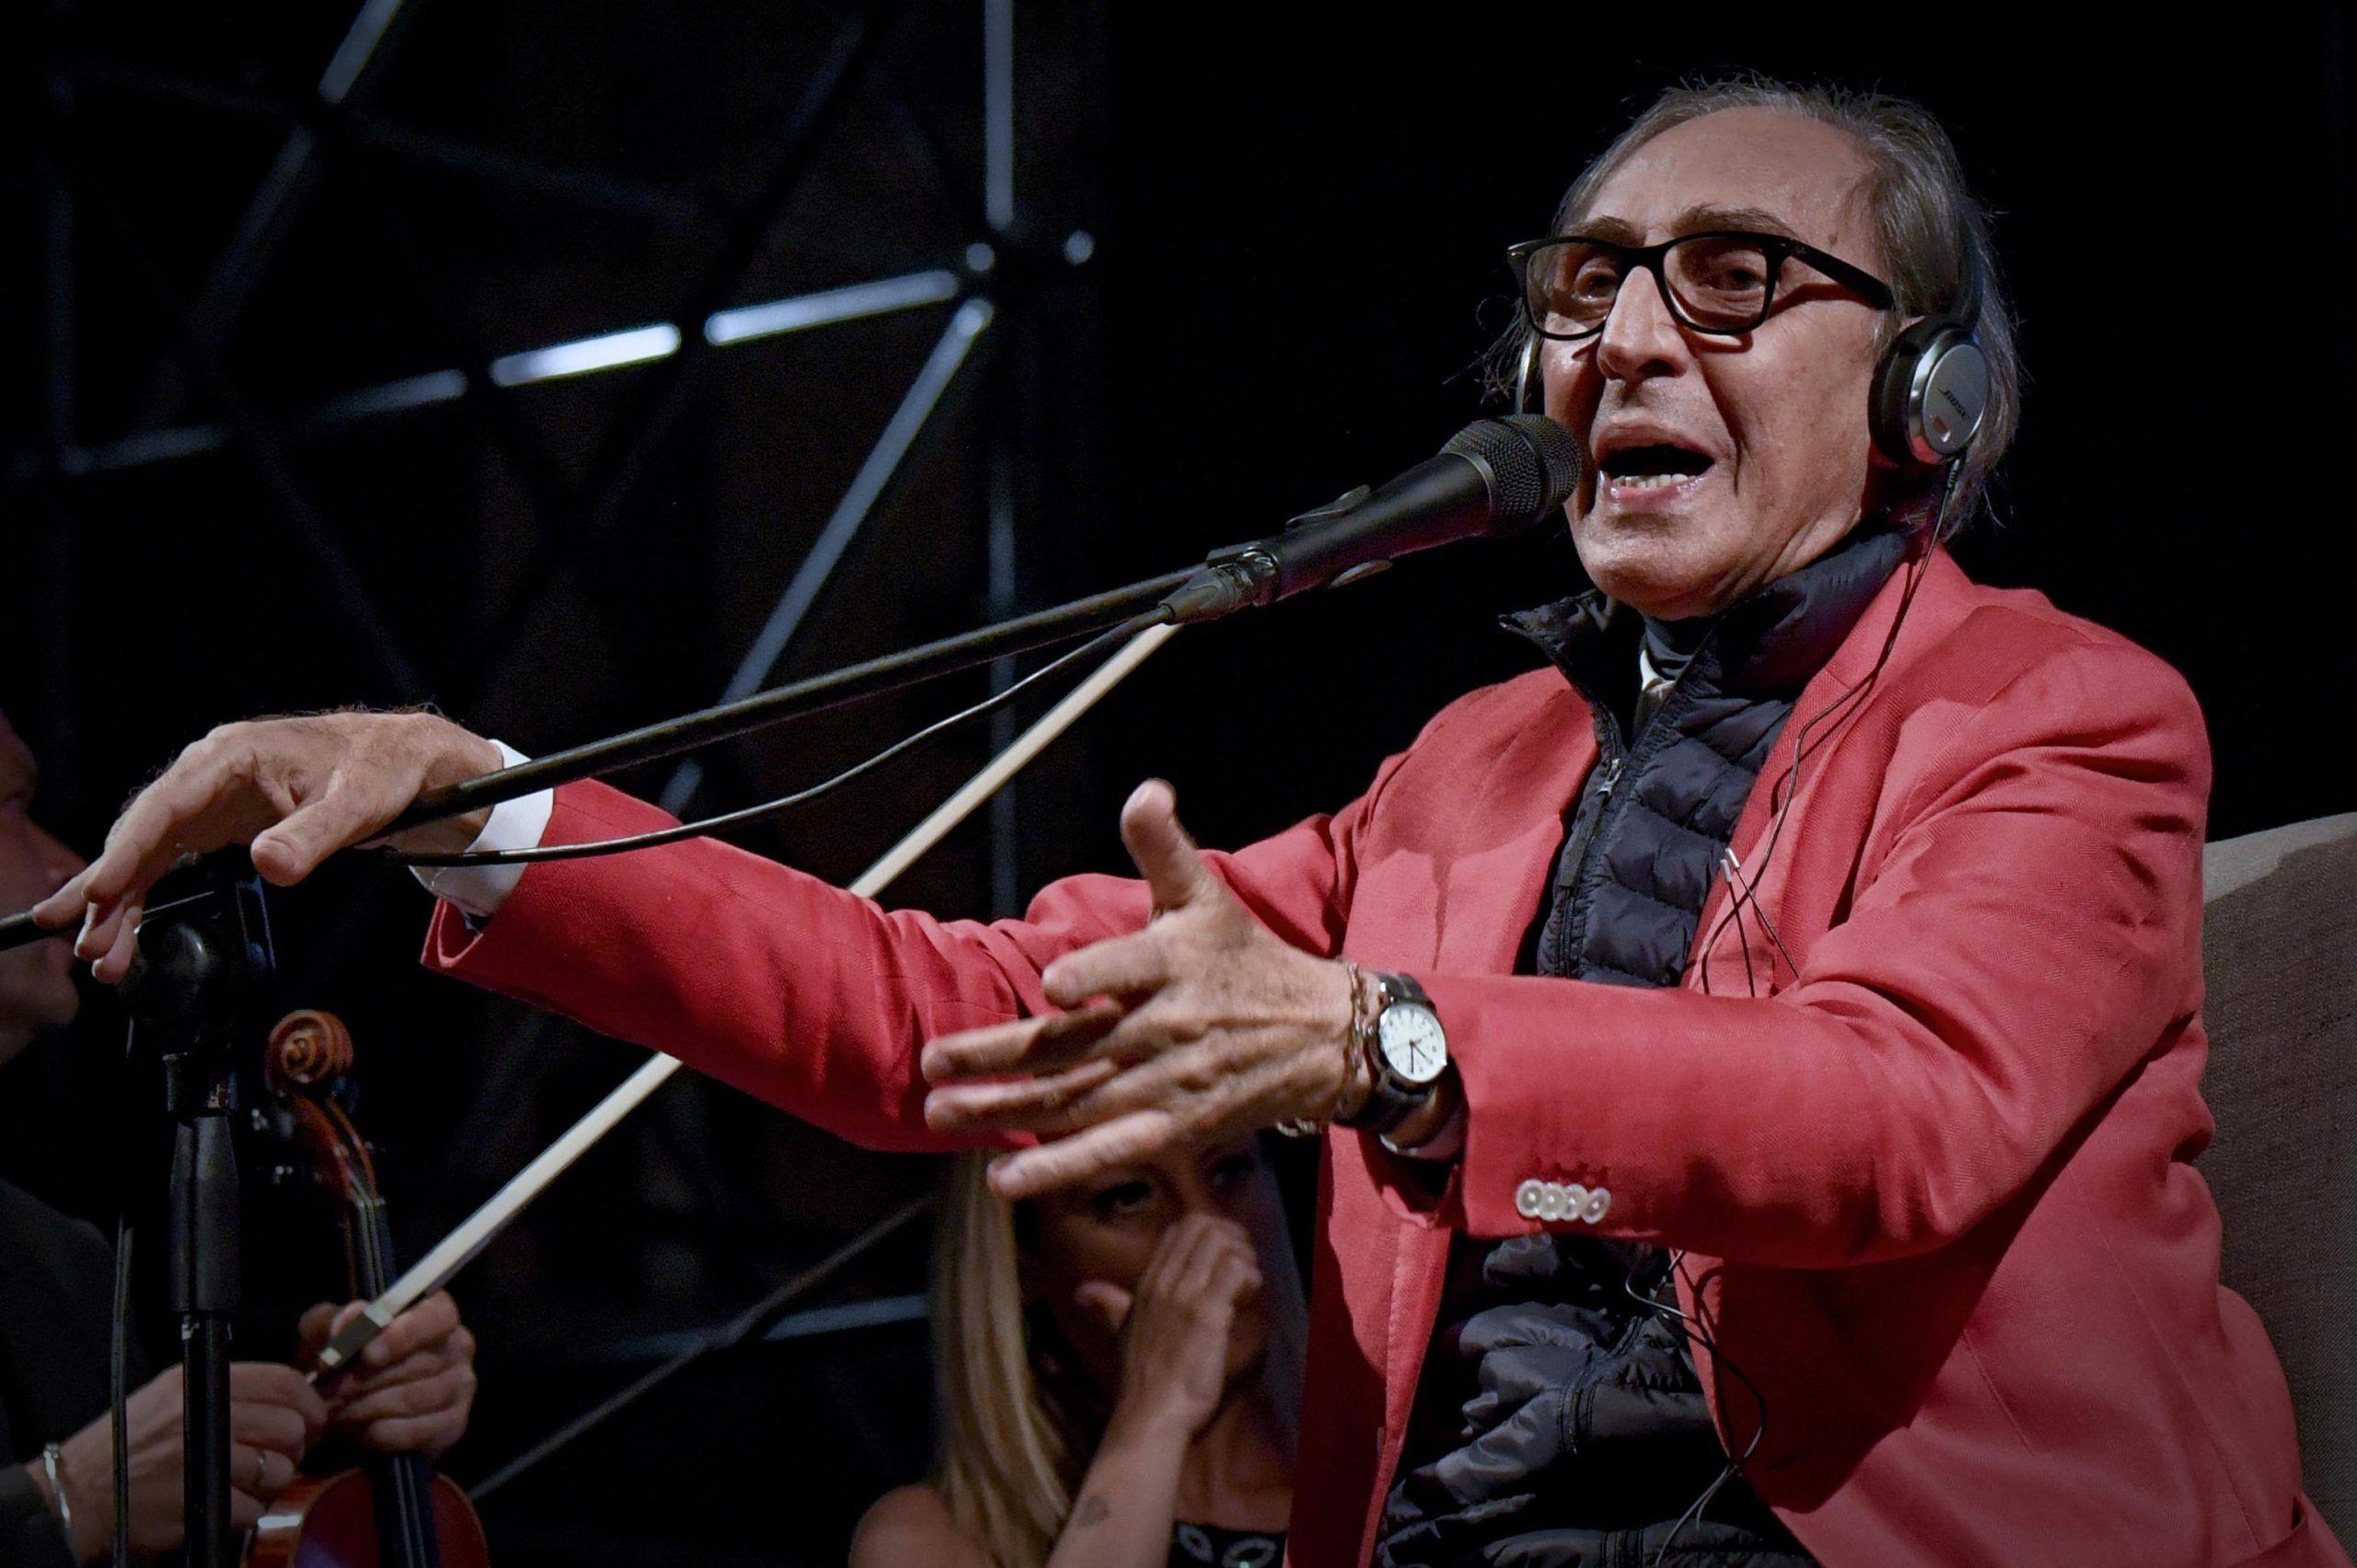 Franco Battiato è malato? Il commovente post dell'amico Roberto Ferri